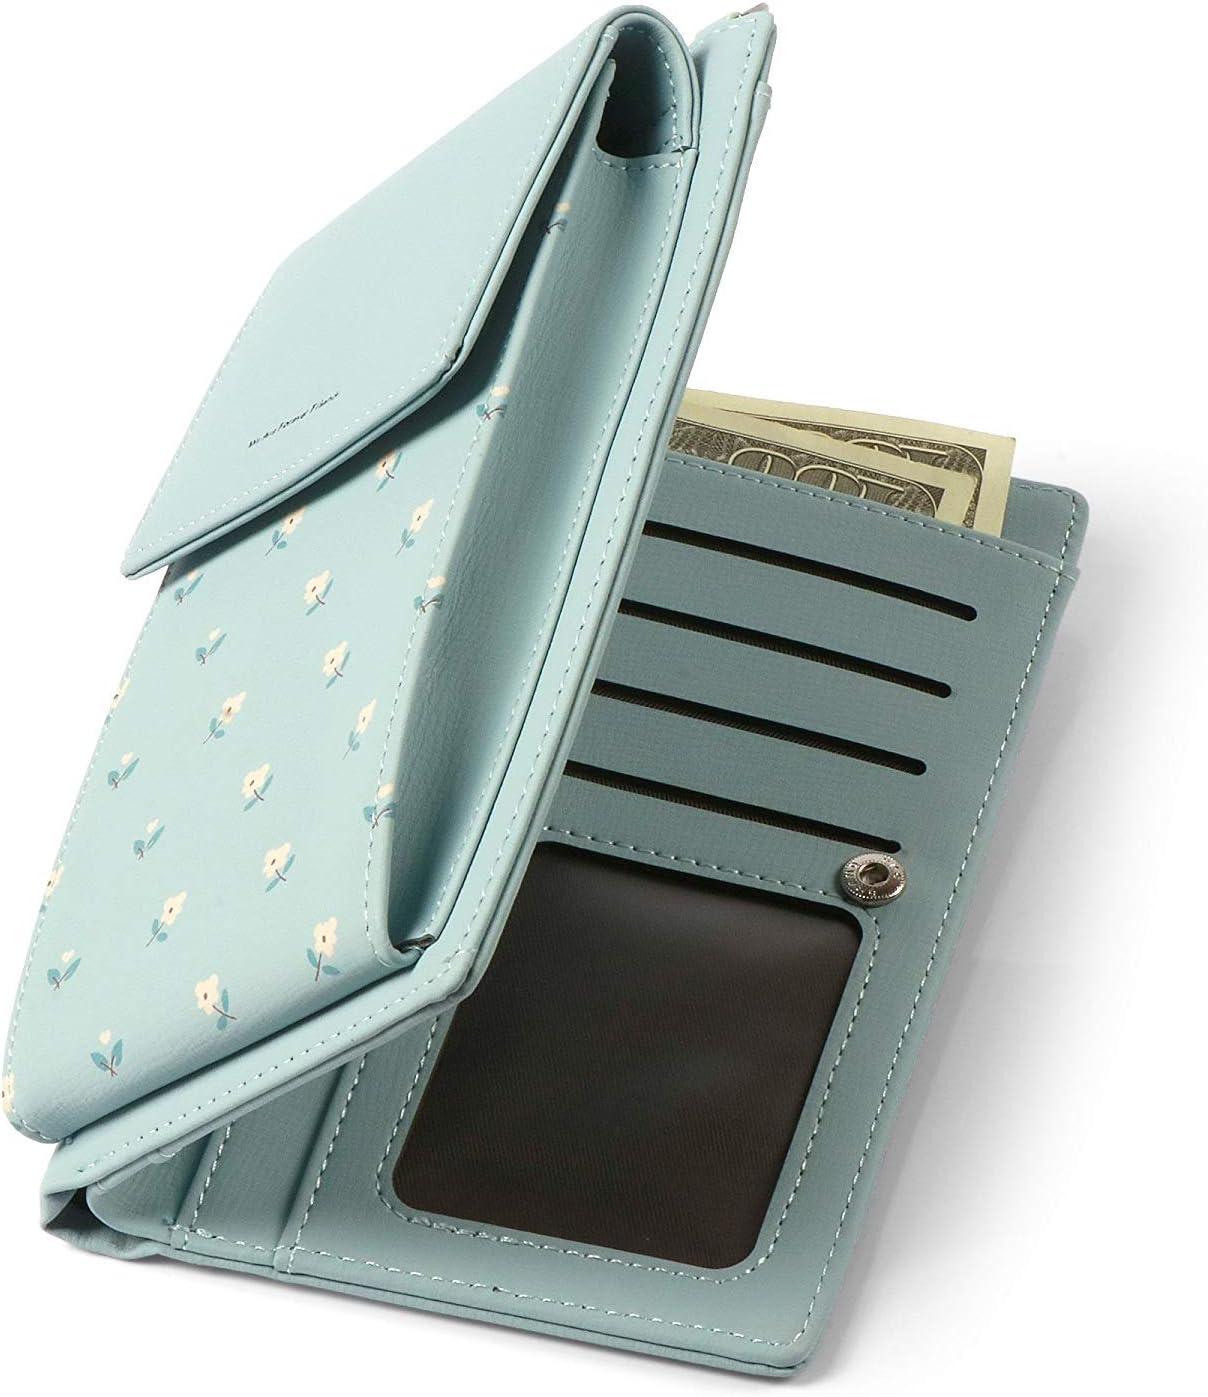 HMILYDYK M/ädchen Umh/ängetasche Floral Leder Mini Tasche Handy Telefon Geldb/örse Kartenhalter Geldb/örse Mini Schultertasche